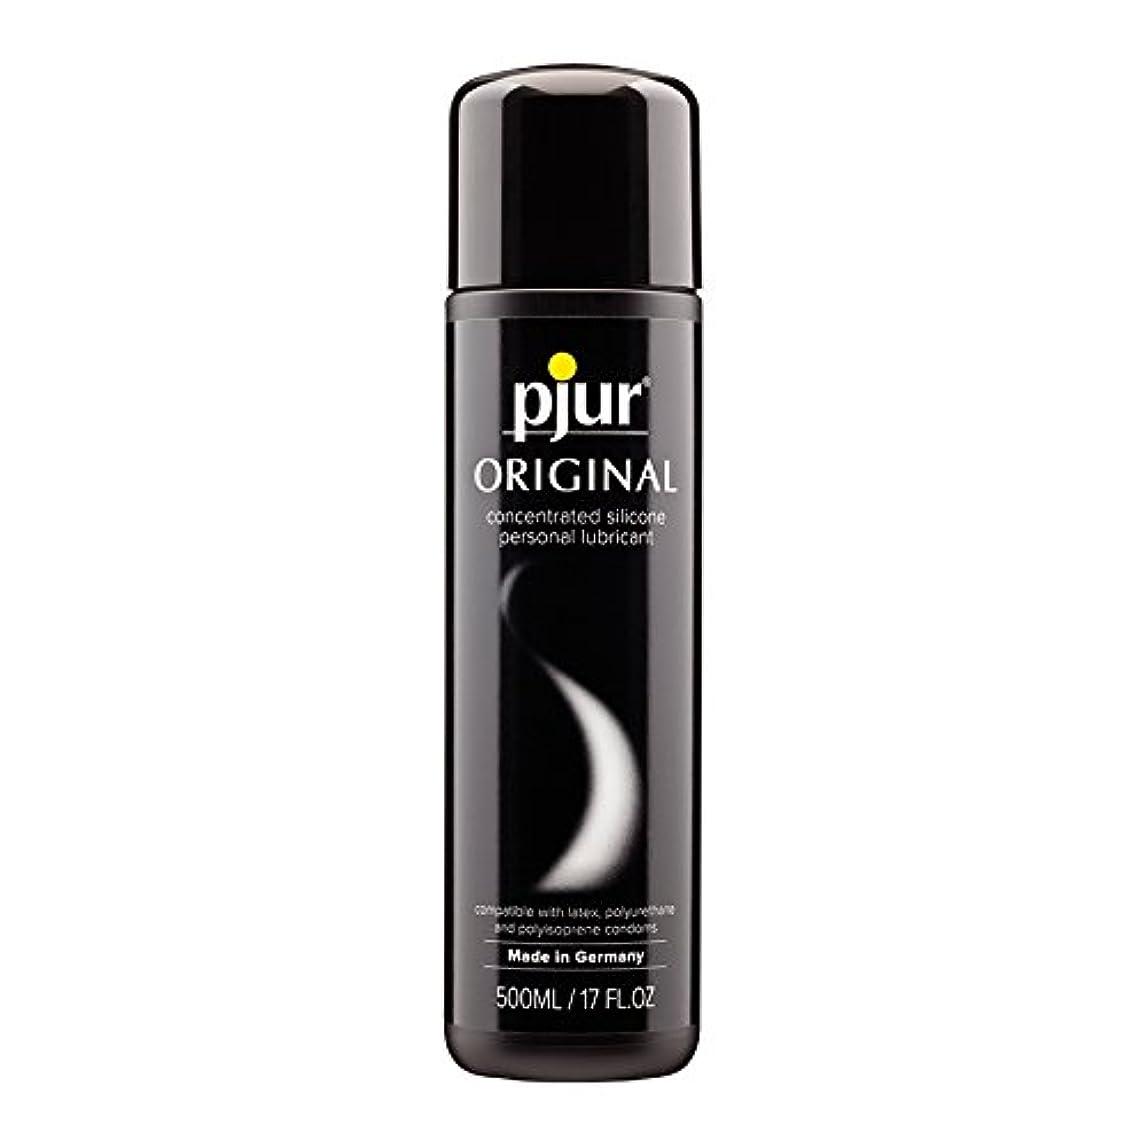 管理者限りなく中毒Pjur Light Bottle Lubricant - 500ml